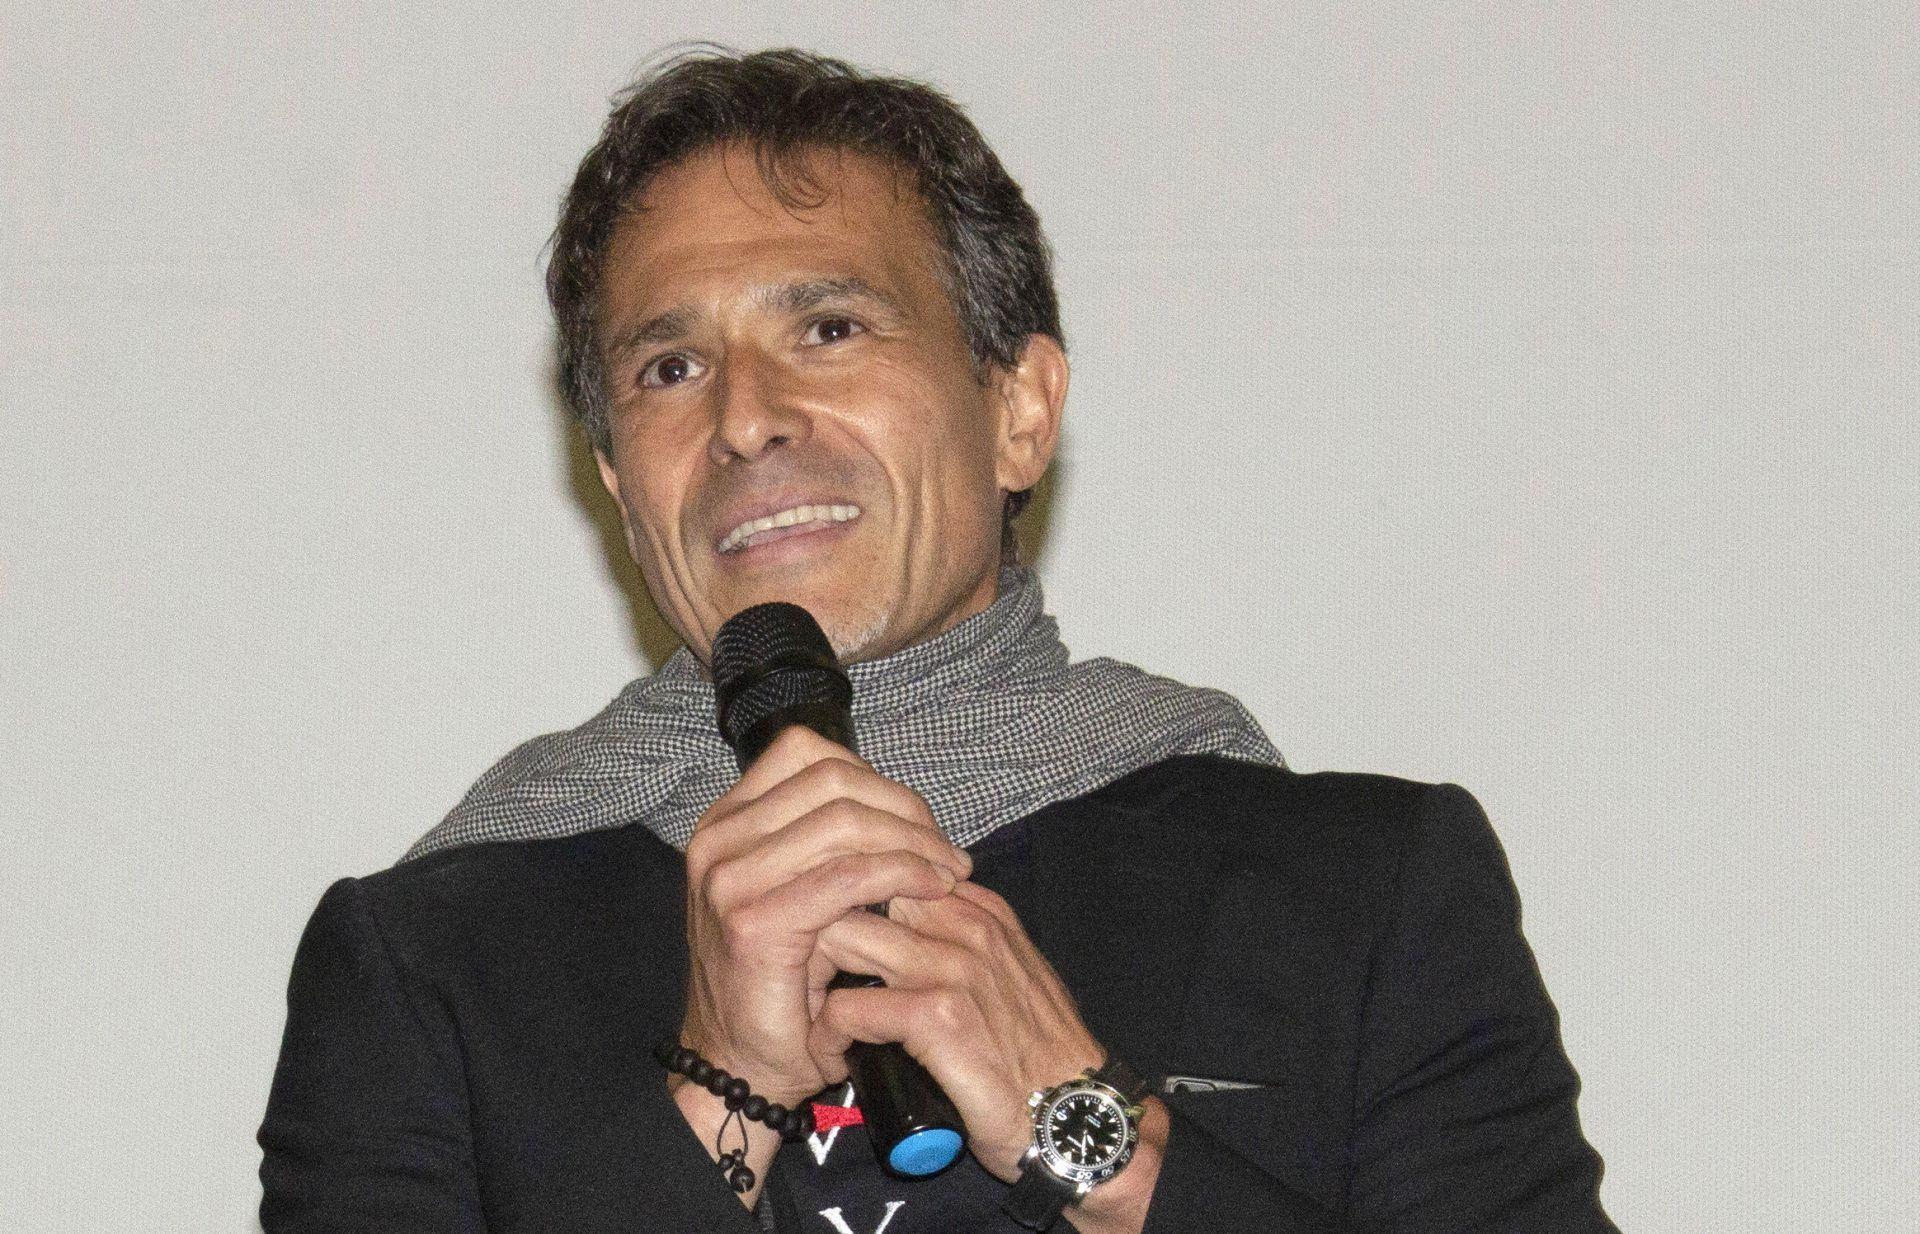 El director mexicano Salim Nayar